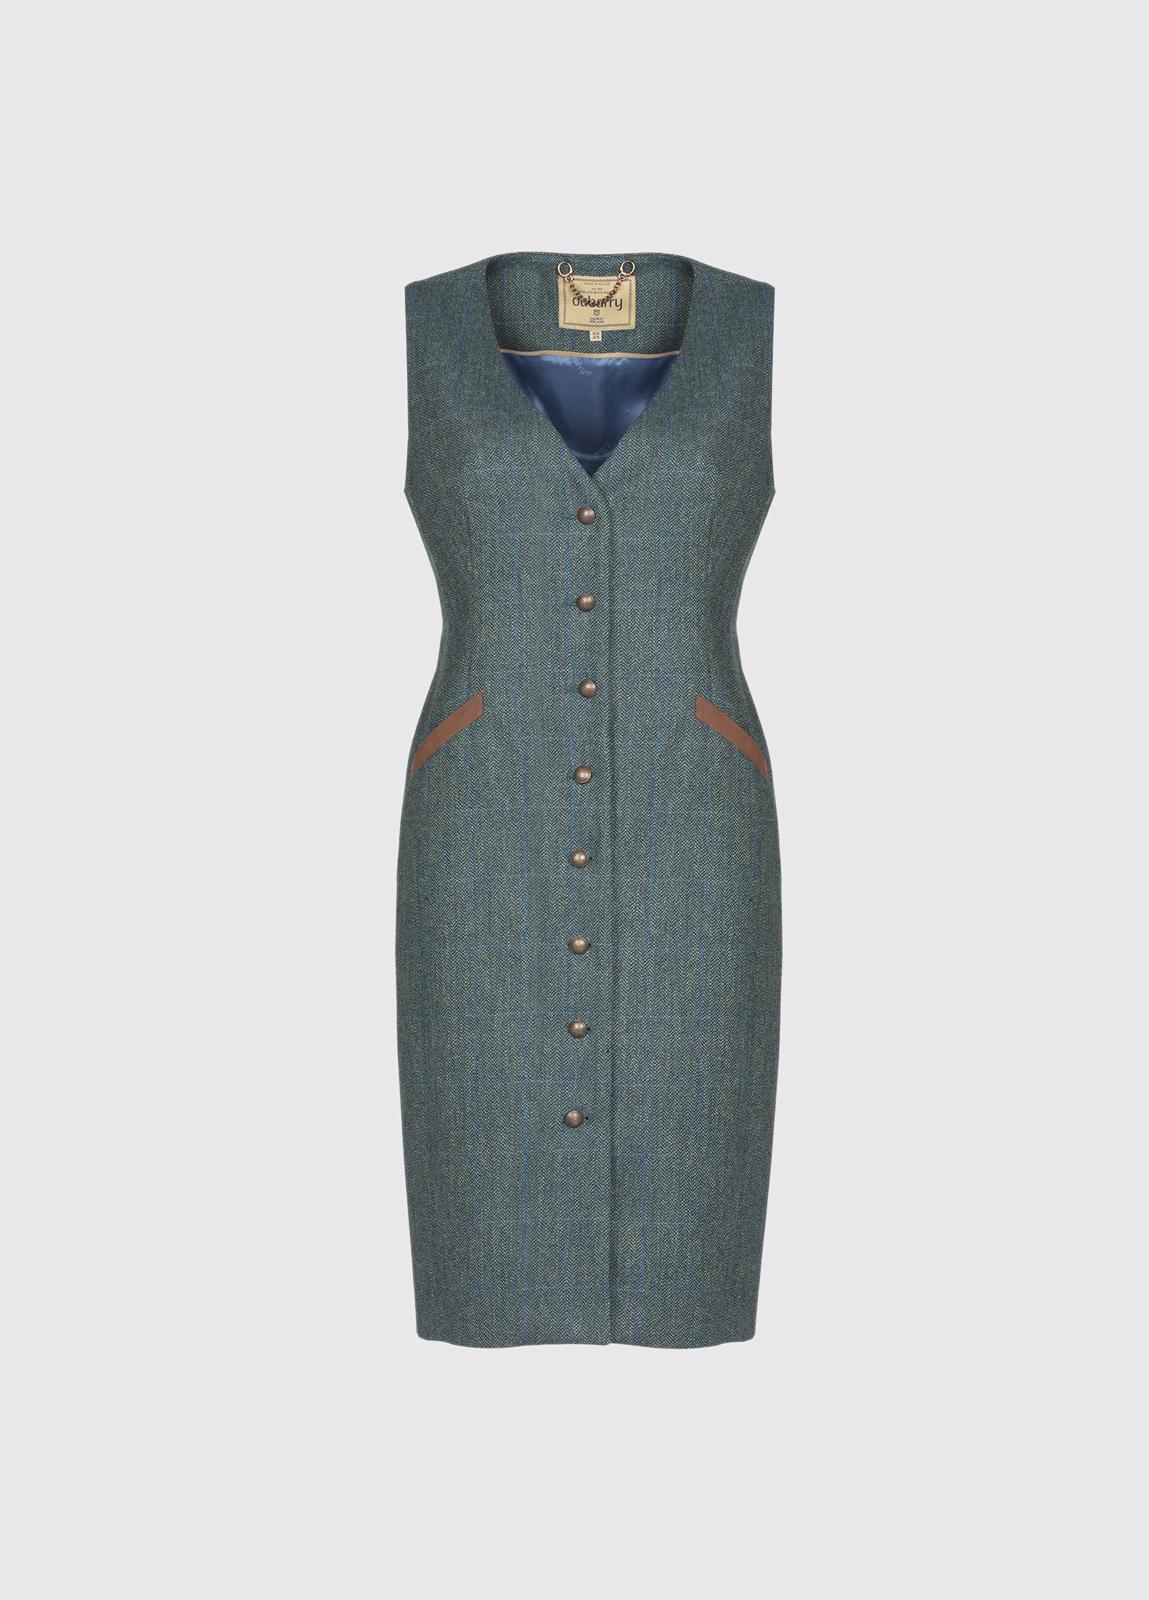 Larkhill Tweed dress - Mist